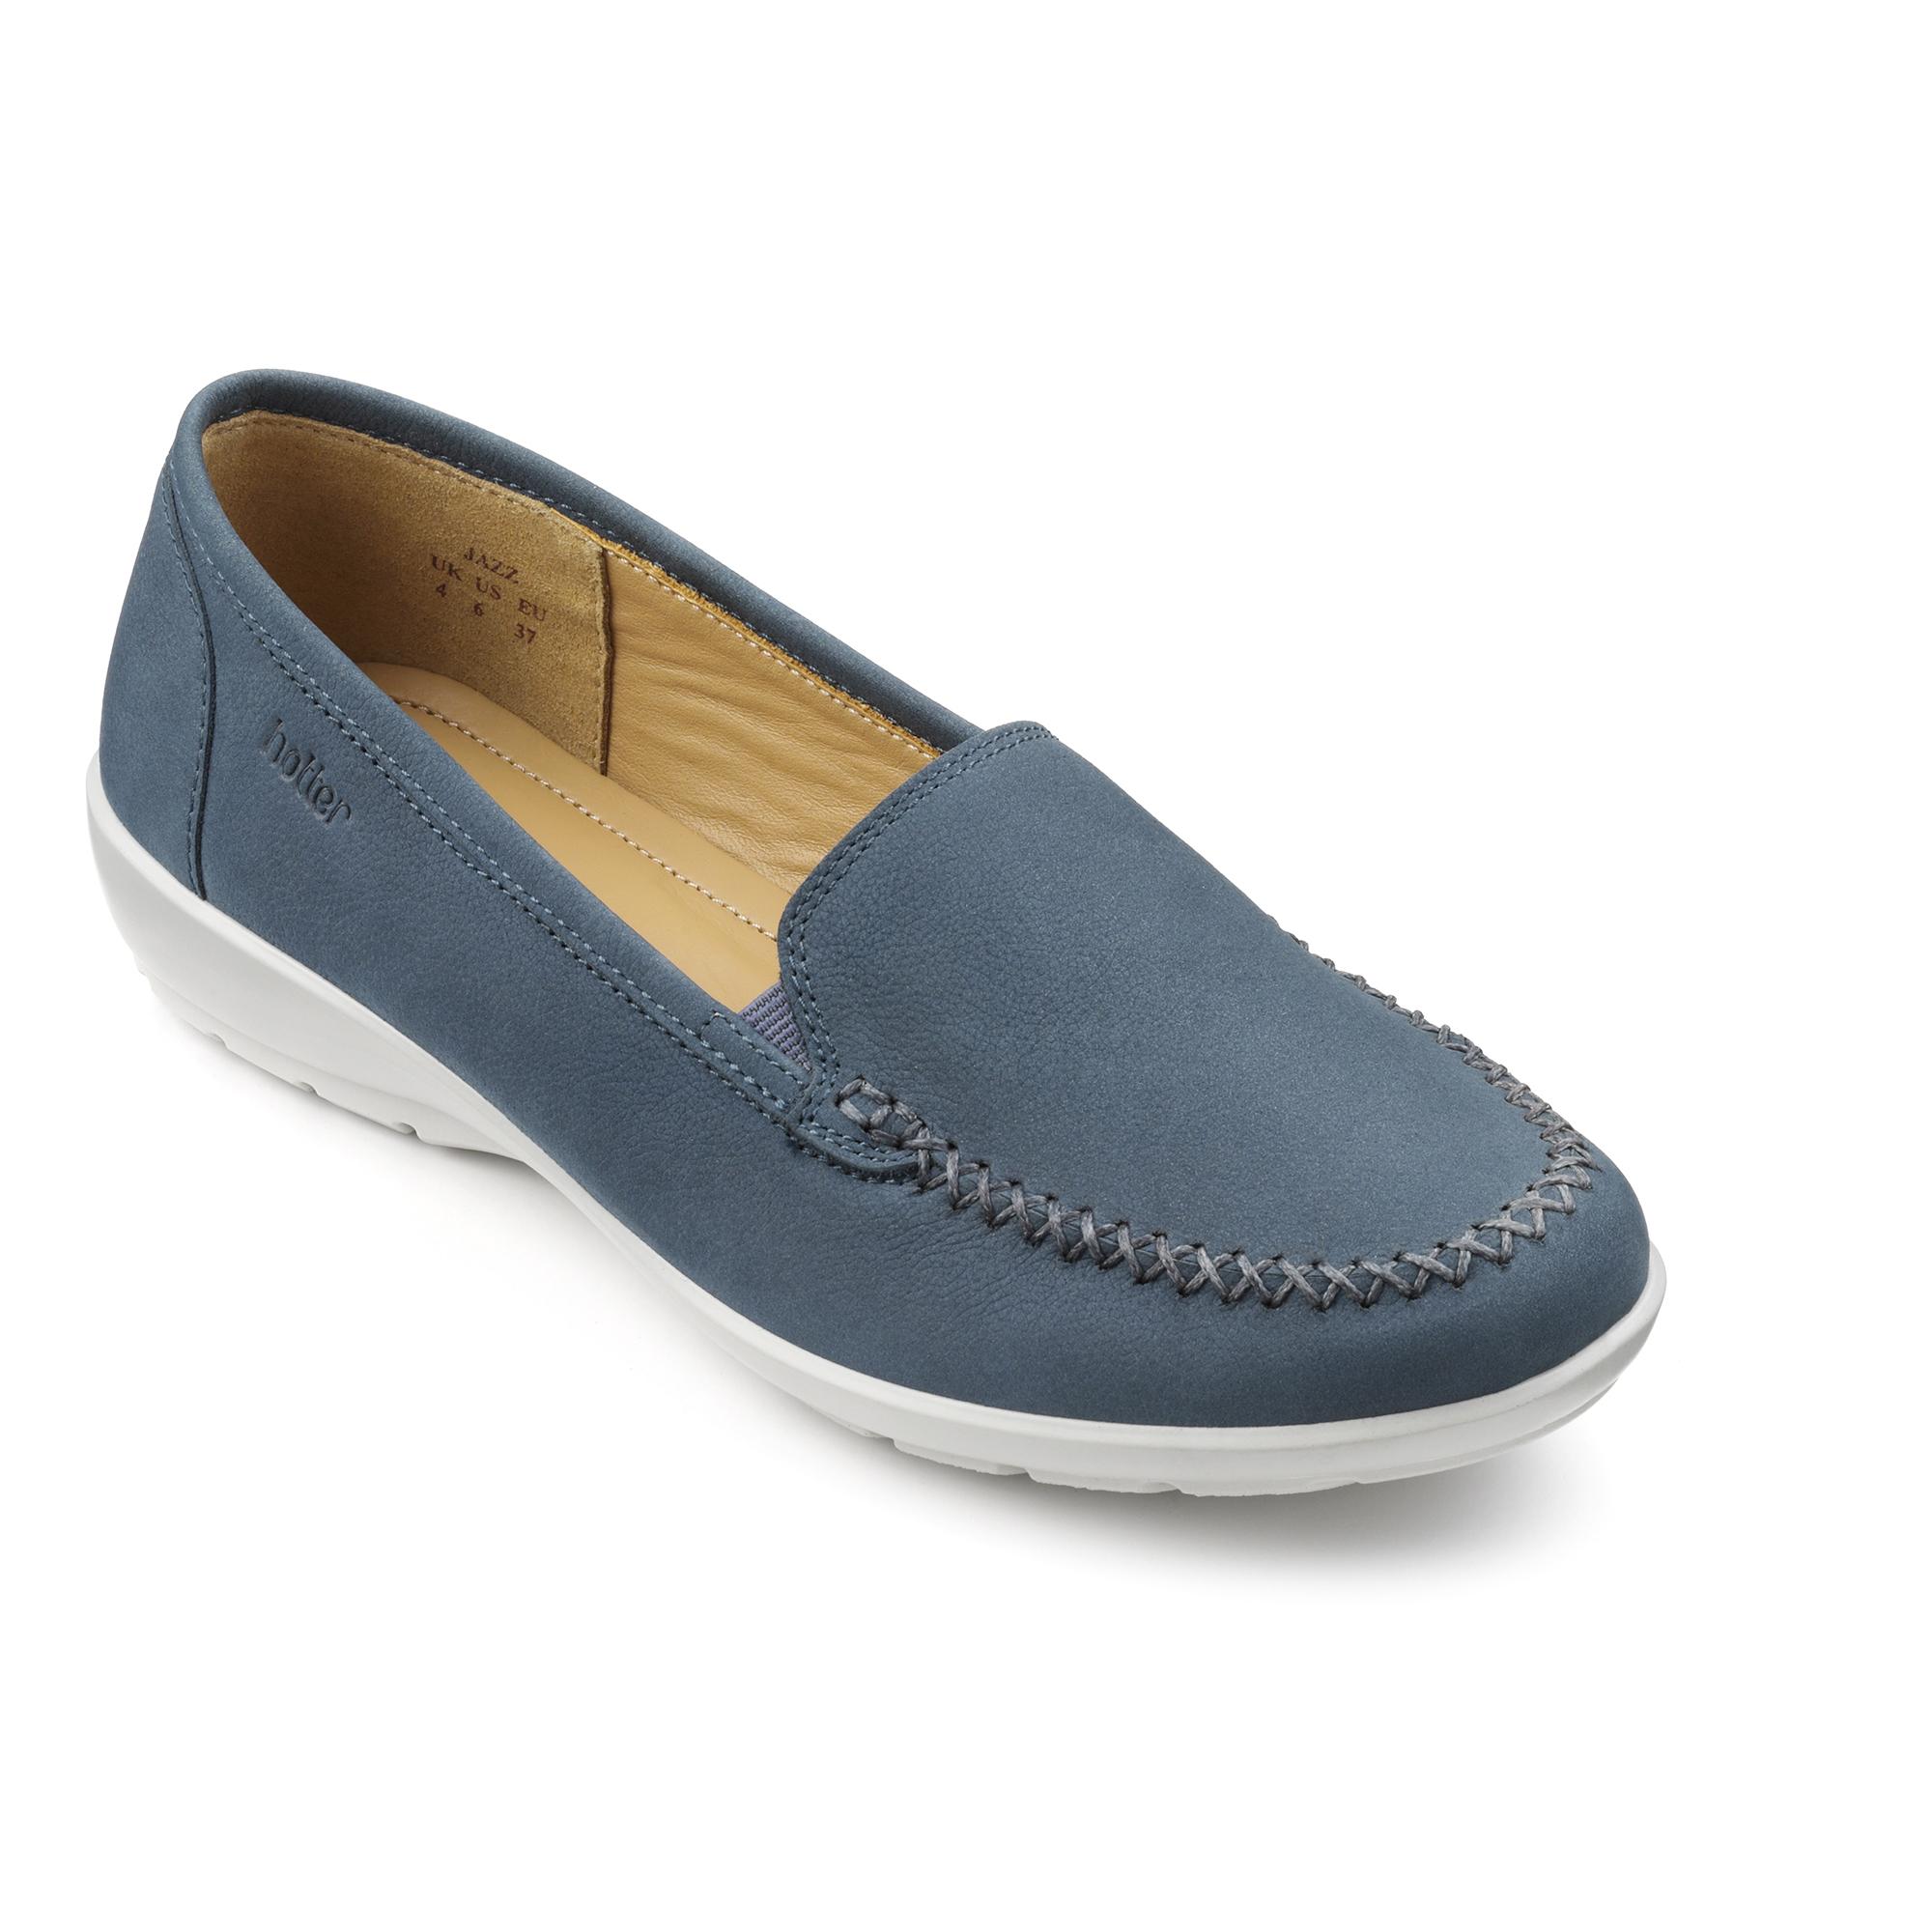 Hotter-Mujer-Jazz-Senoras-Ponerse-Zapatos-Calzado-Zapatillas-Cuero-Textil